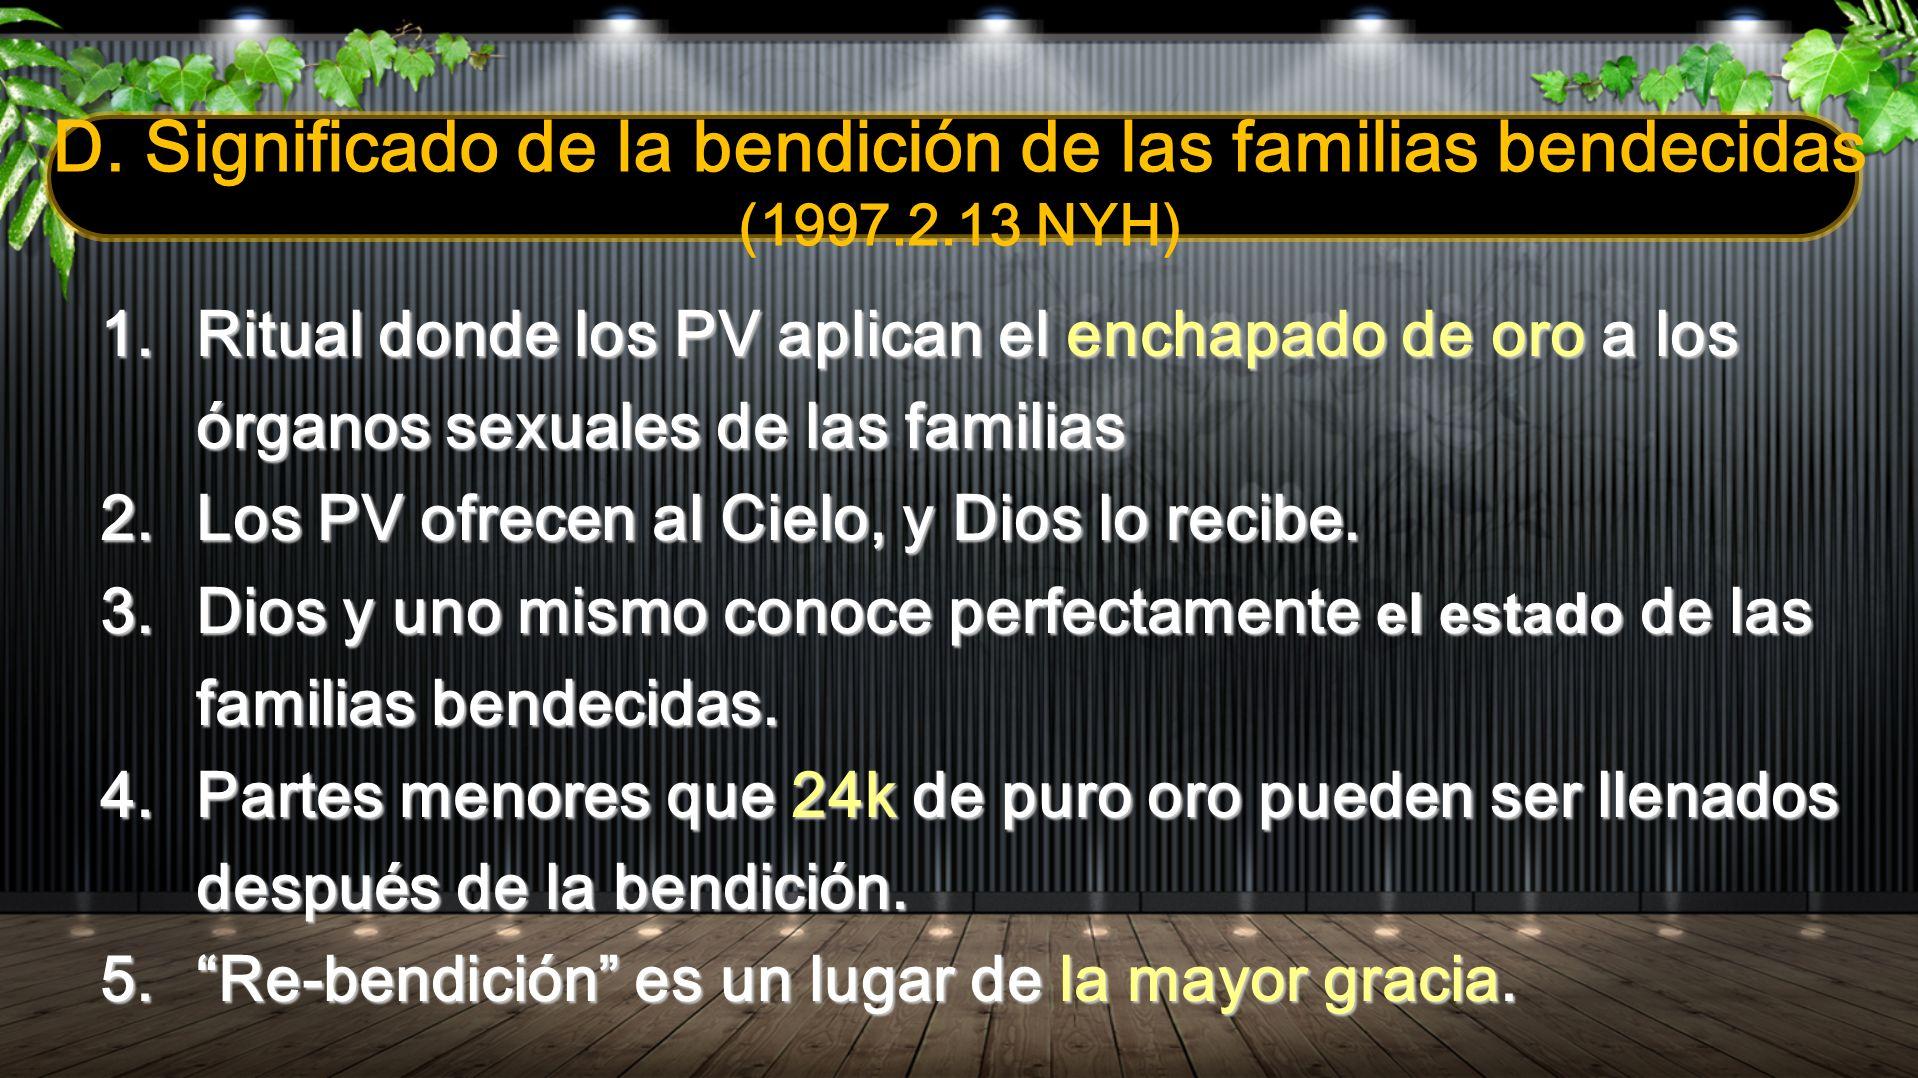 D. Significado de la bendición de las familias bendecidas (1997.2.13 NYH) 1.Ritual donde los PV aplican el enchapado de oro a los órganos sexuales de